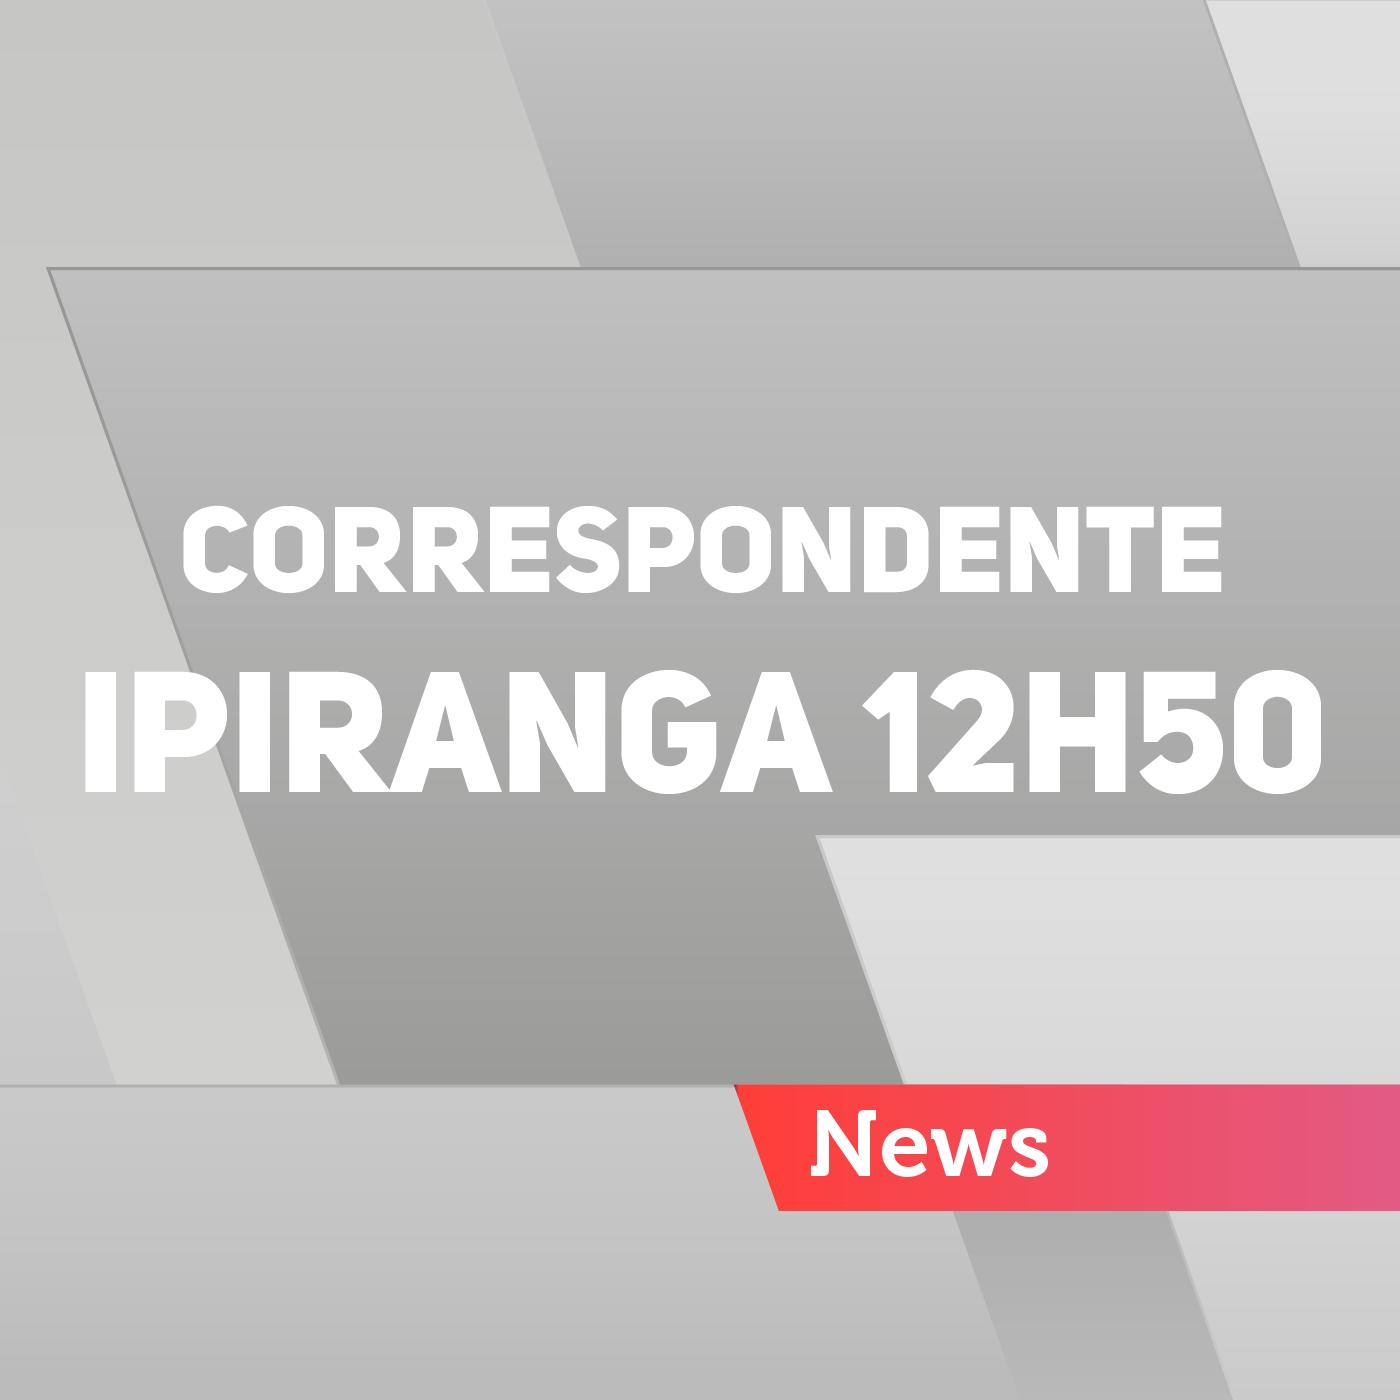 Correspondente Ipiranga 12h50 – 18/09/2017